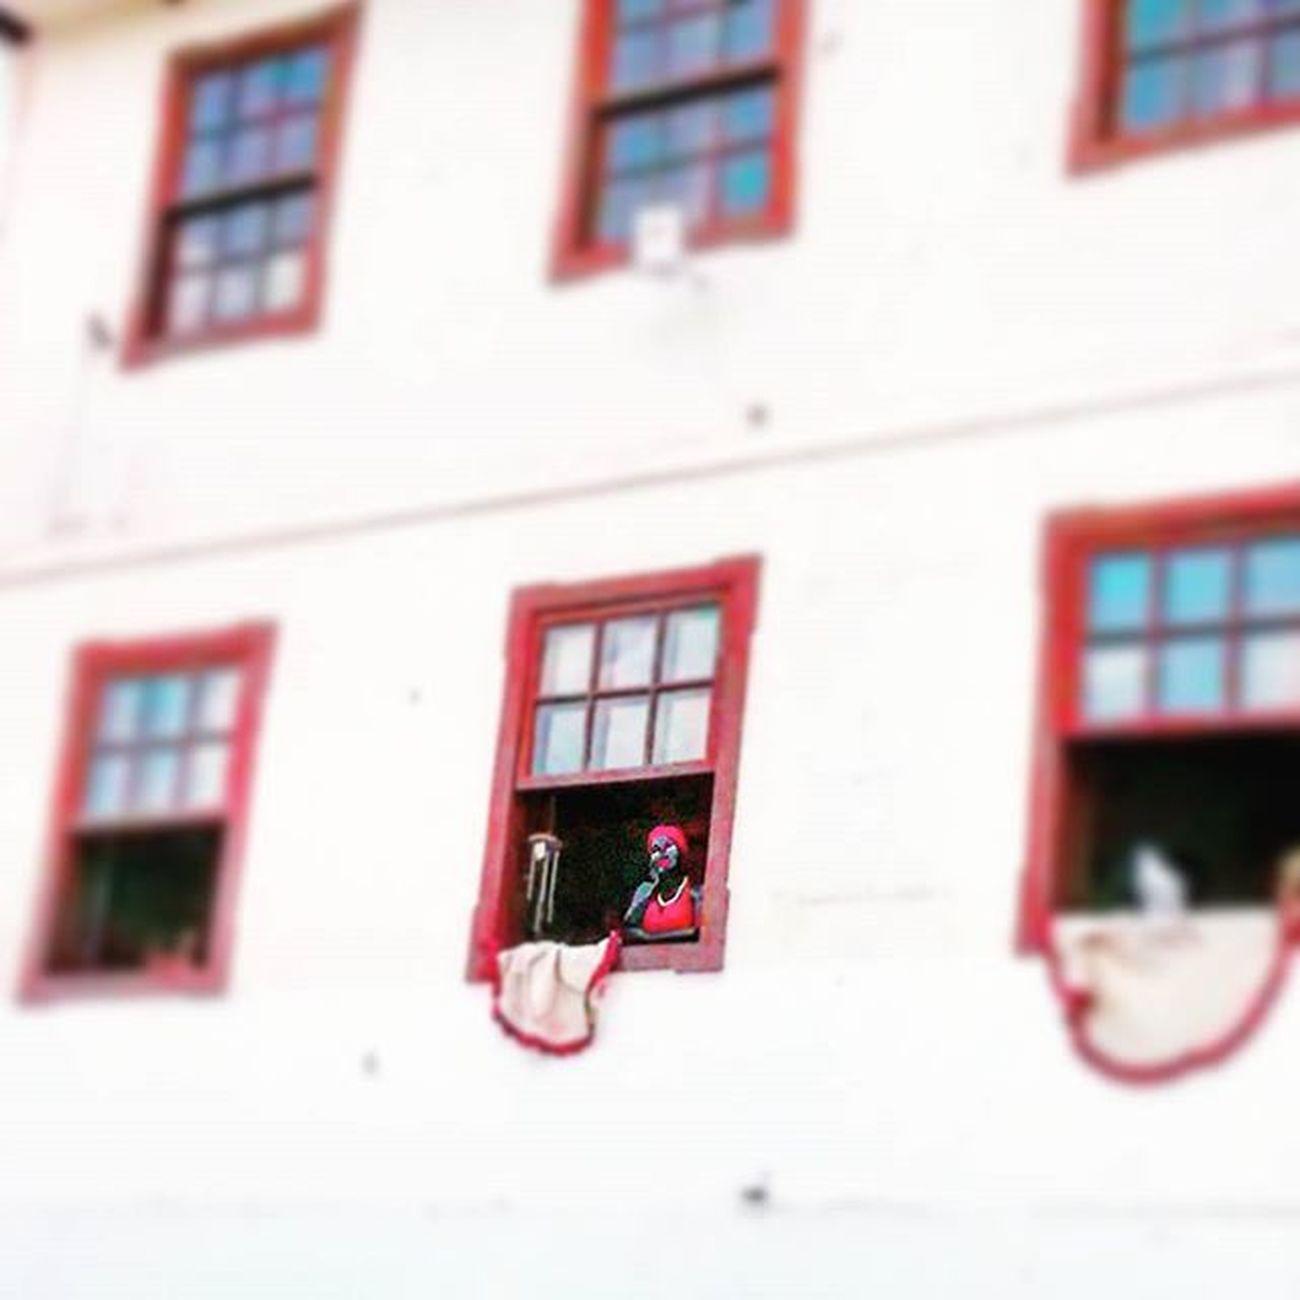 CIDADEZINHA QUALQUER Casas entre bananeiras mulheres entre laranjeiras pomar amor cantar. Um homem vai devagar. Um cachorro vai devagar. Um burro vai devagar. Devagar ... as janelas olham. Eta vida Besta  , meu Deus. CarlosDrummondDeAndrade de Andrade Poesia Sabara MG  Sábado Boatarde Brasil Minasgerais